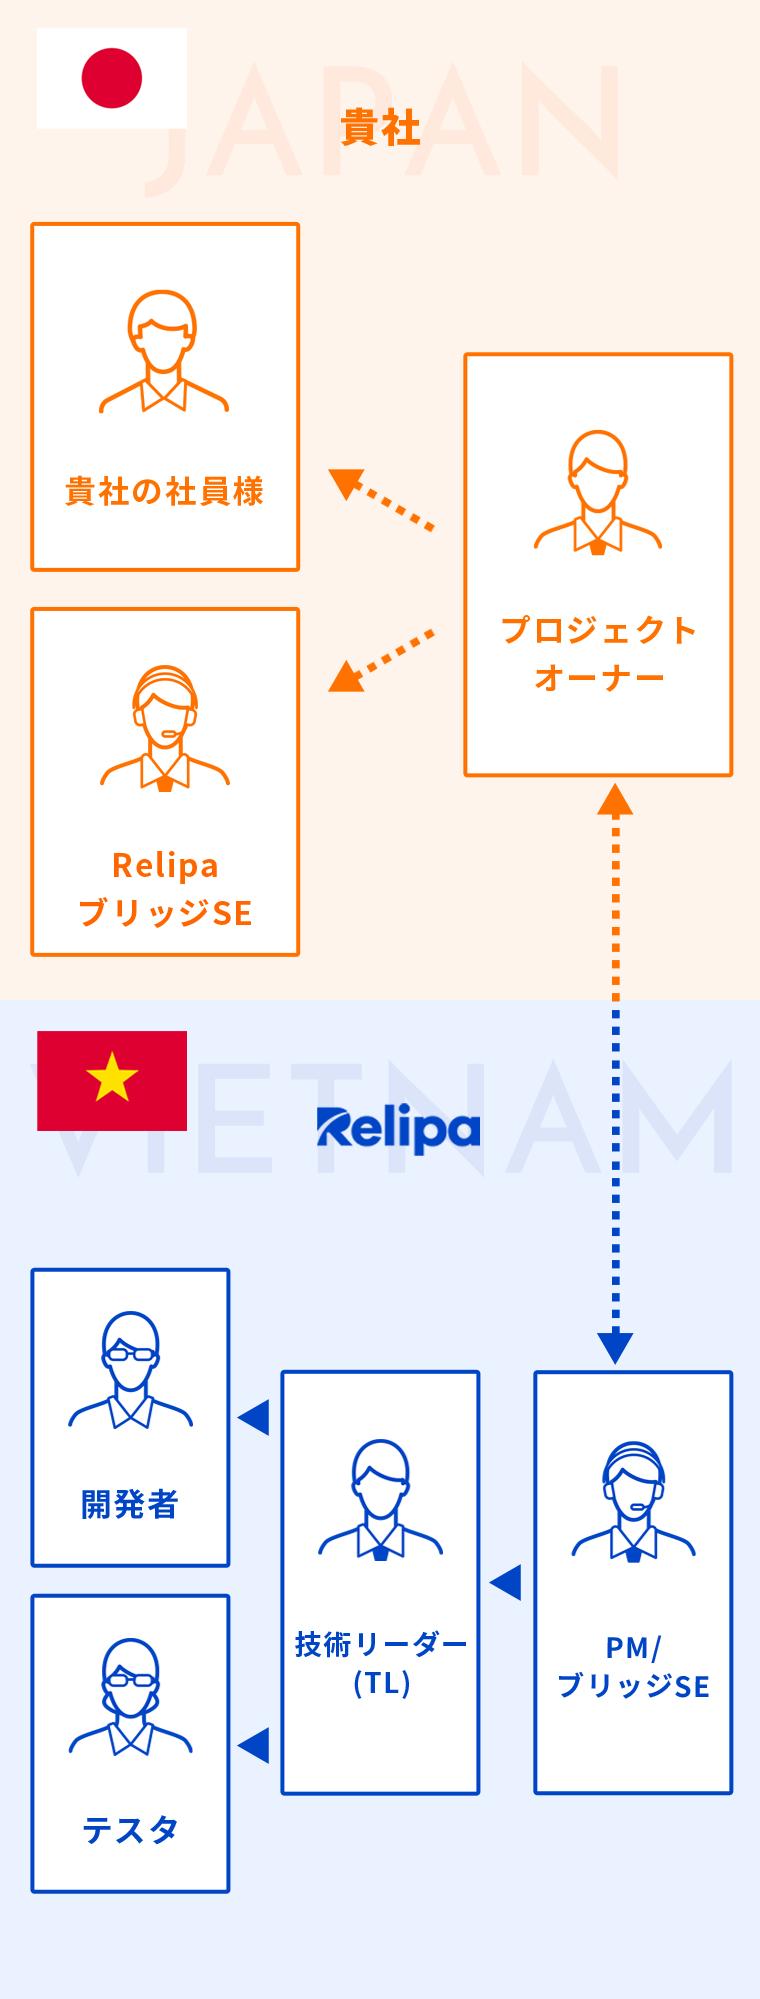 RELIPAのブリッジSEがお客様先に常駐する場合の図